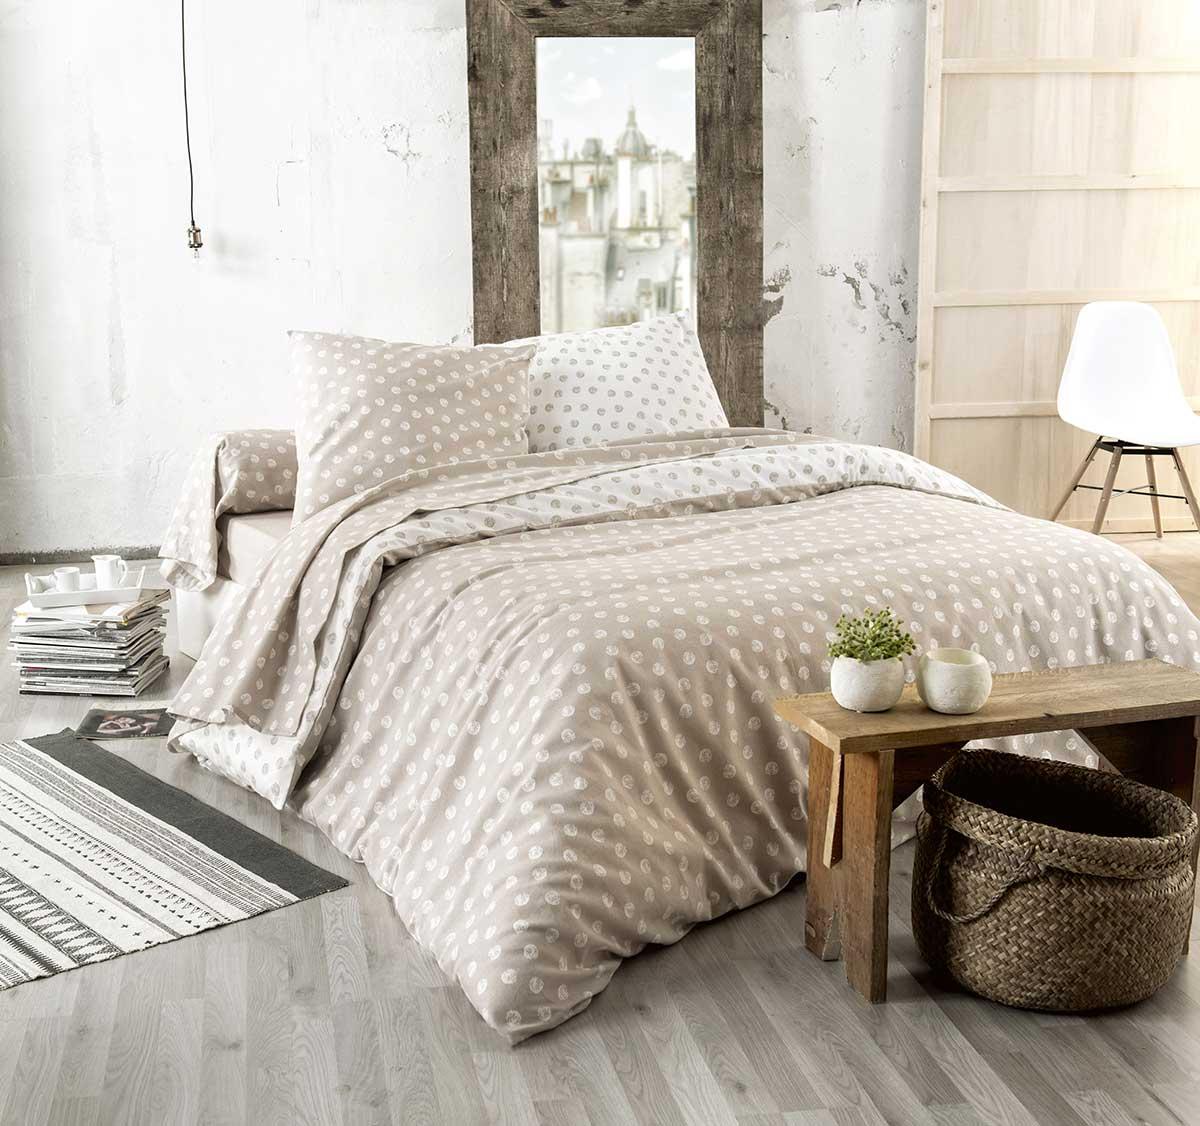 Maison de campagne : parure de lit